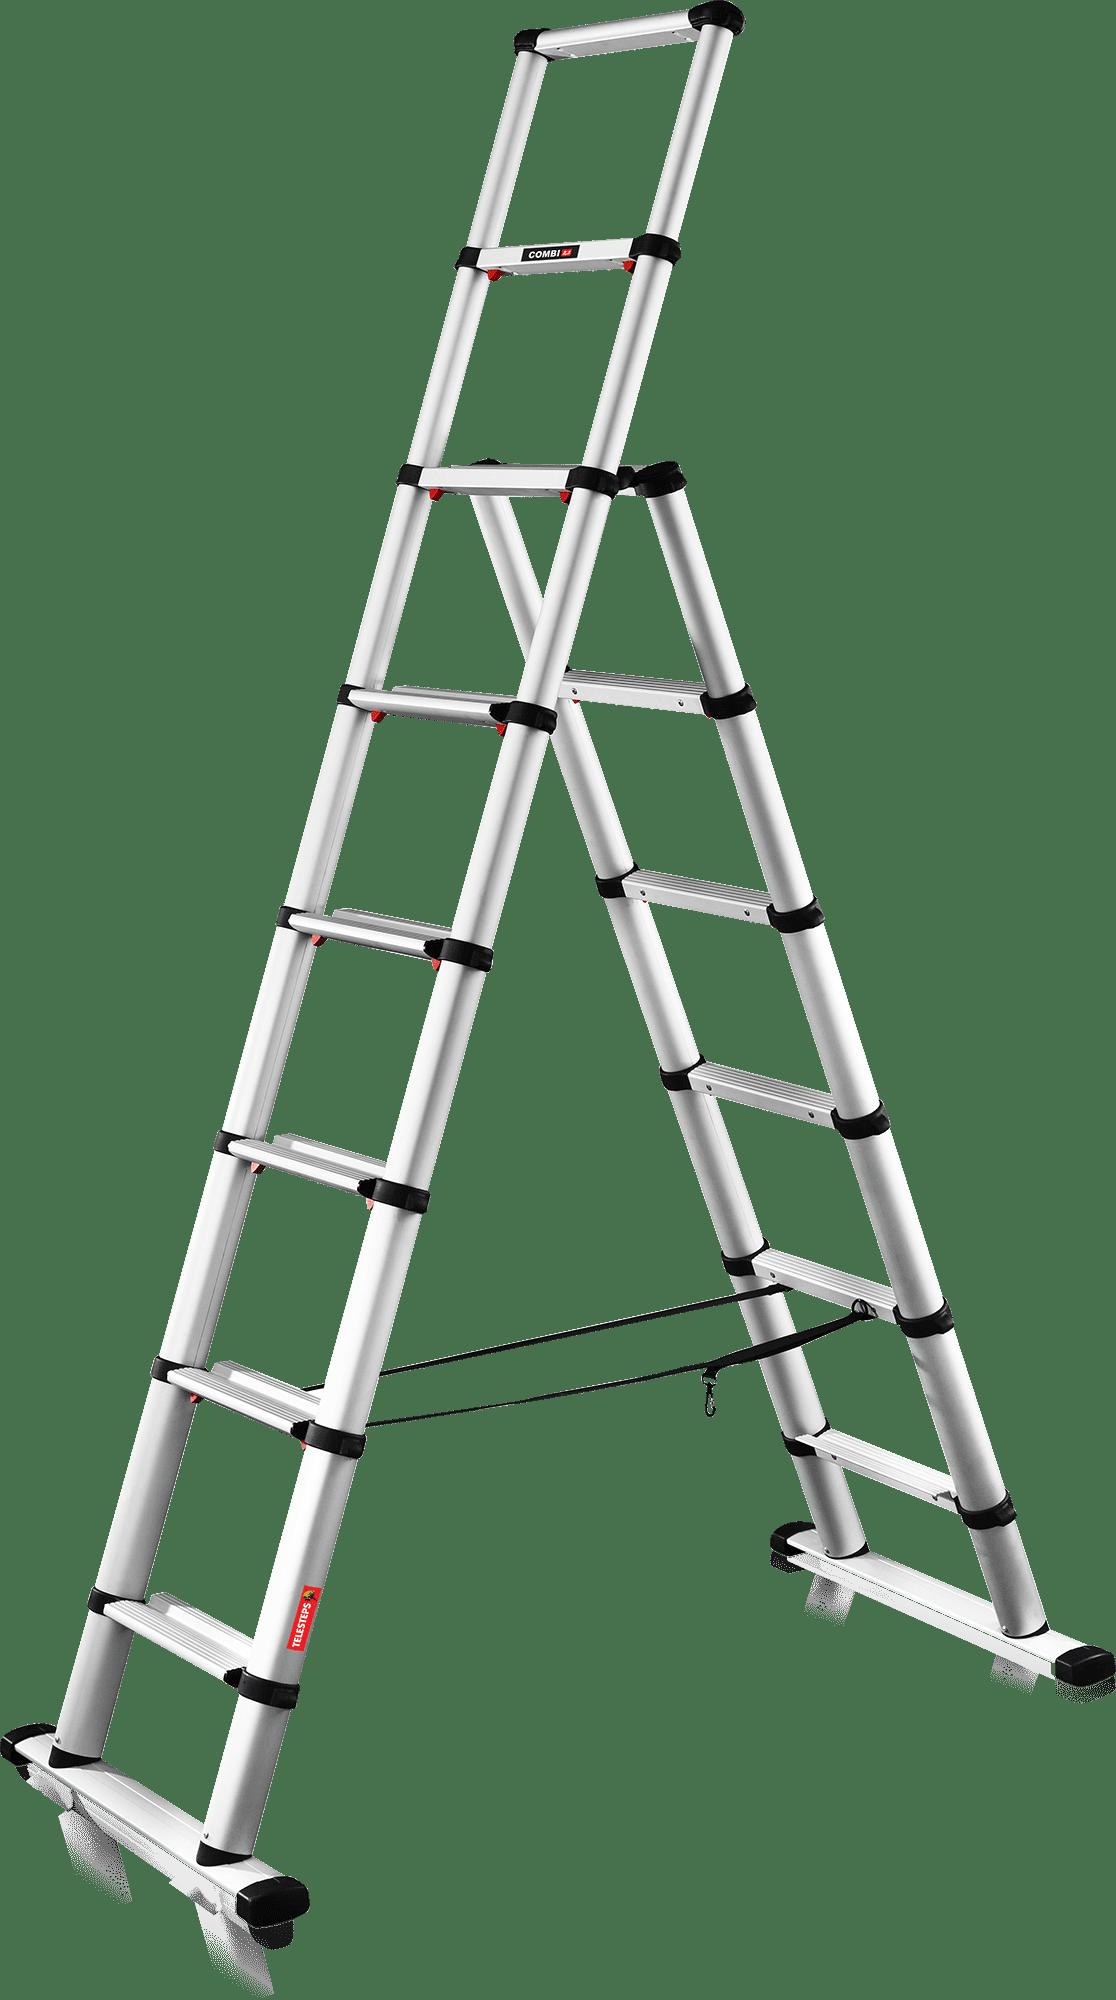 TELESKOPICKÝ HLINÍKOVÝ REBRÍK viacúčelový– Rada INDUSTRIE Typ 75-326